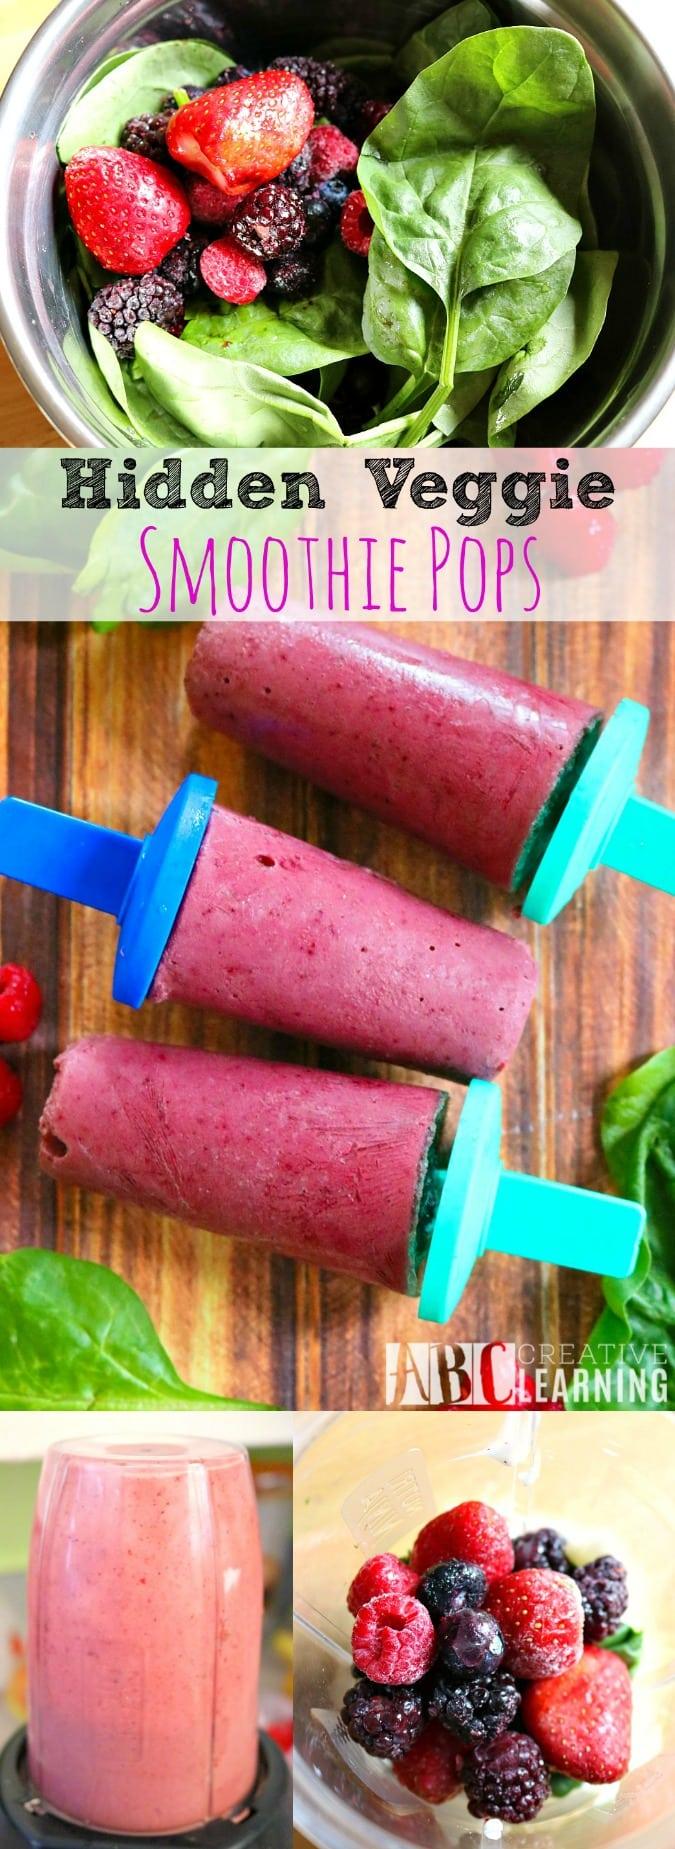 Veggie Smoothie Pops Recipe